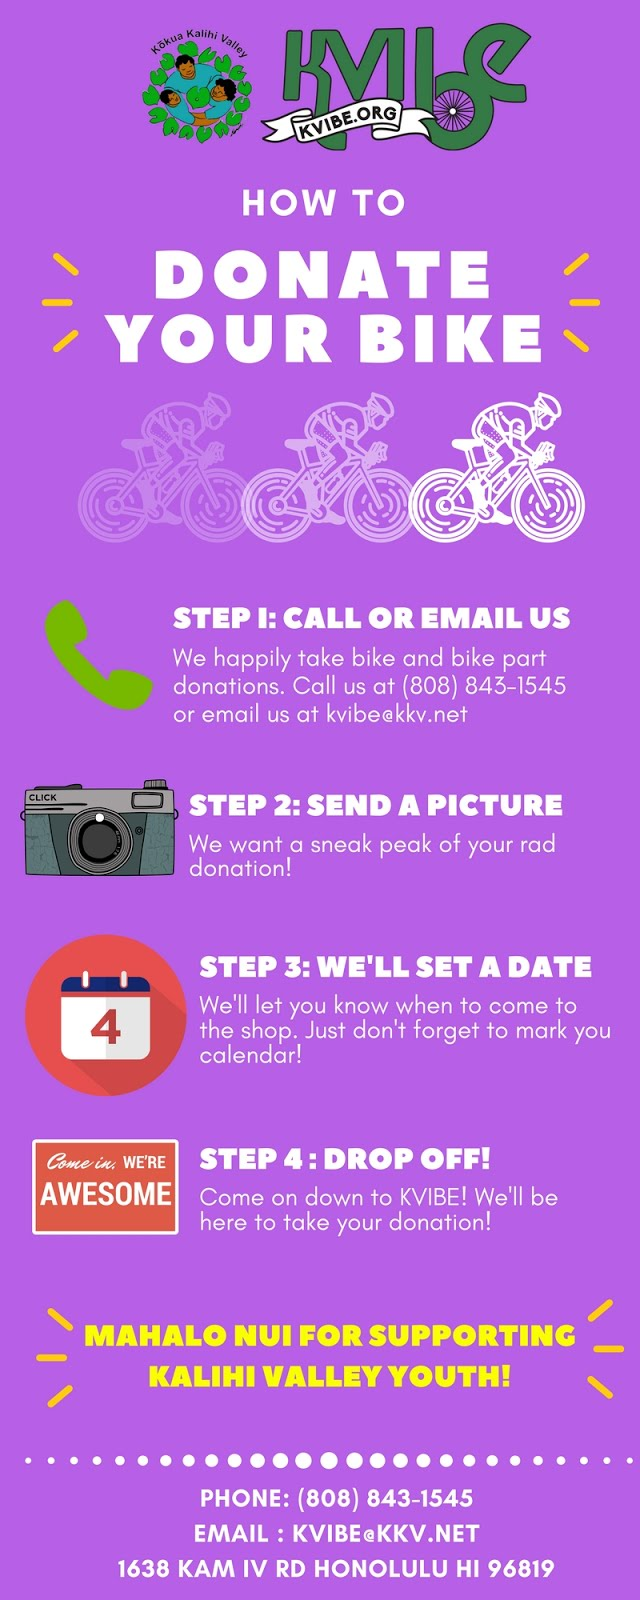 Wanna Donate Your Bike?